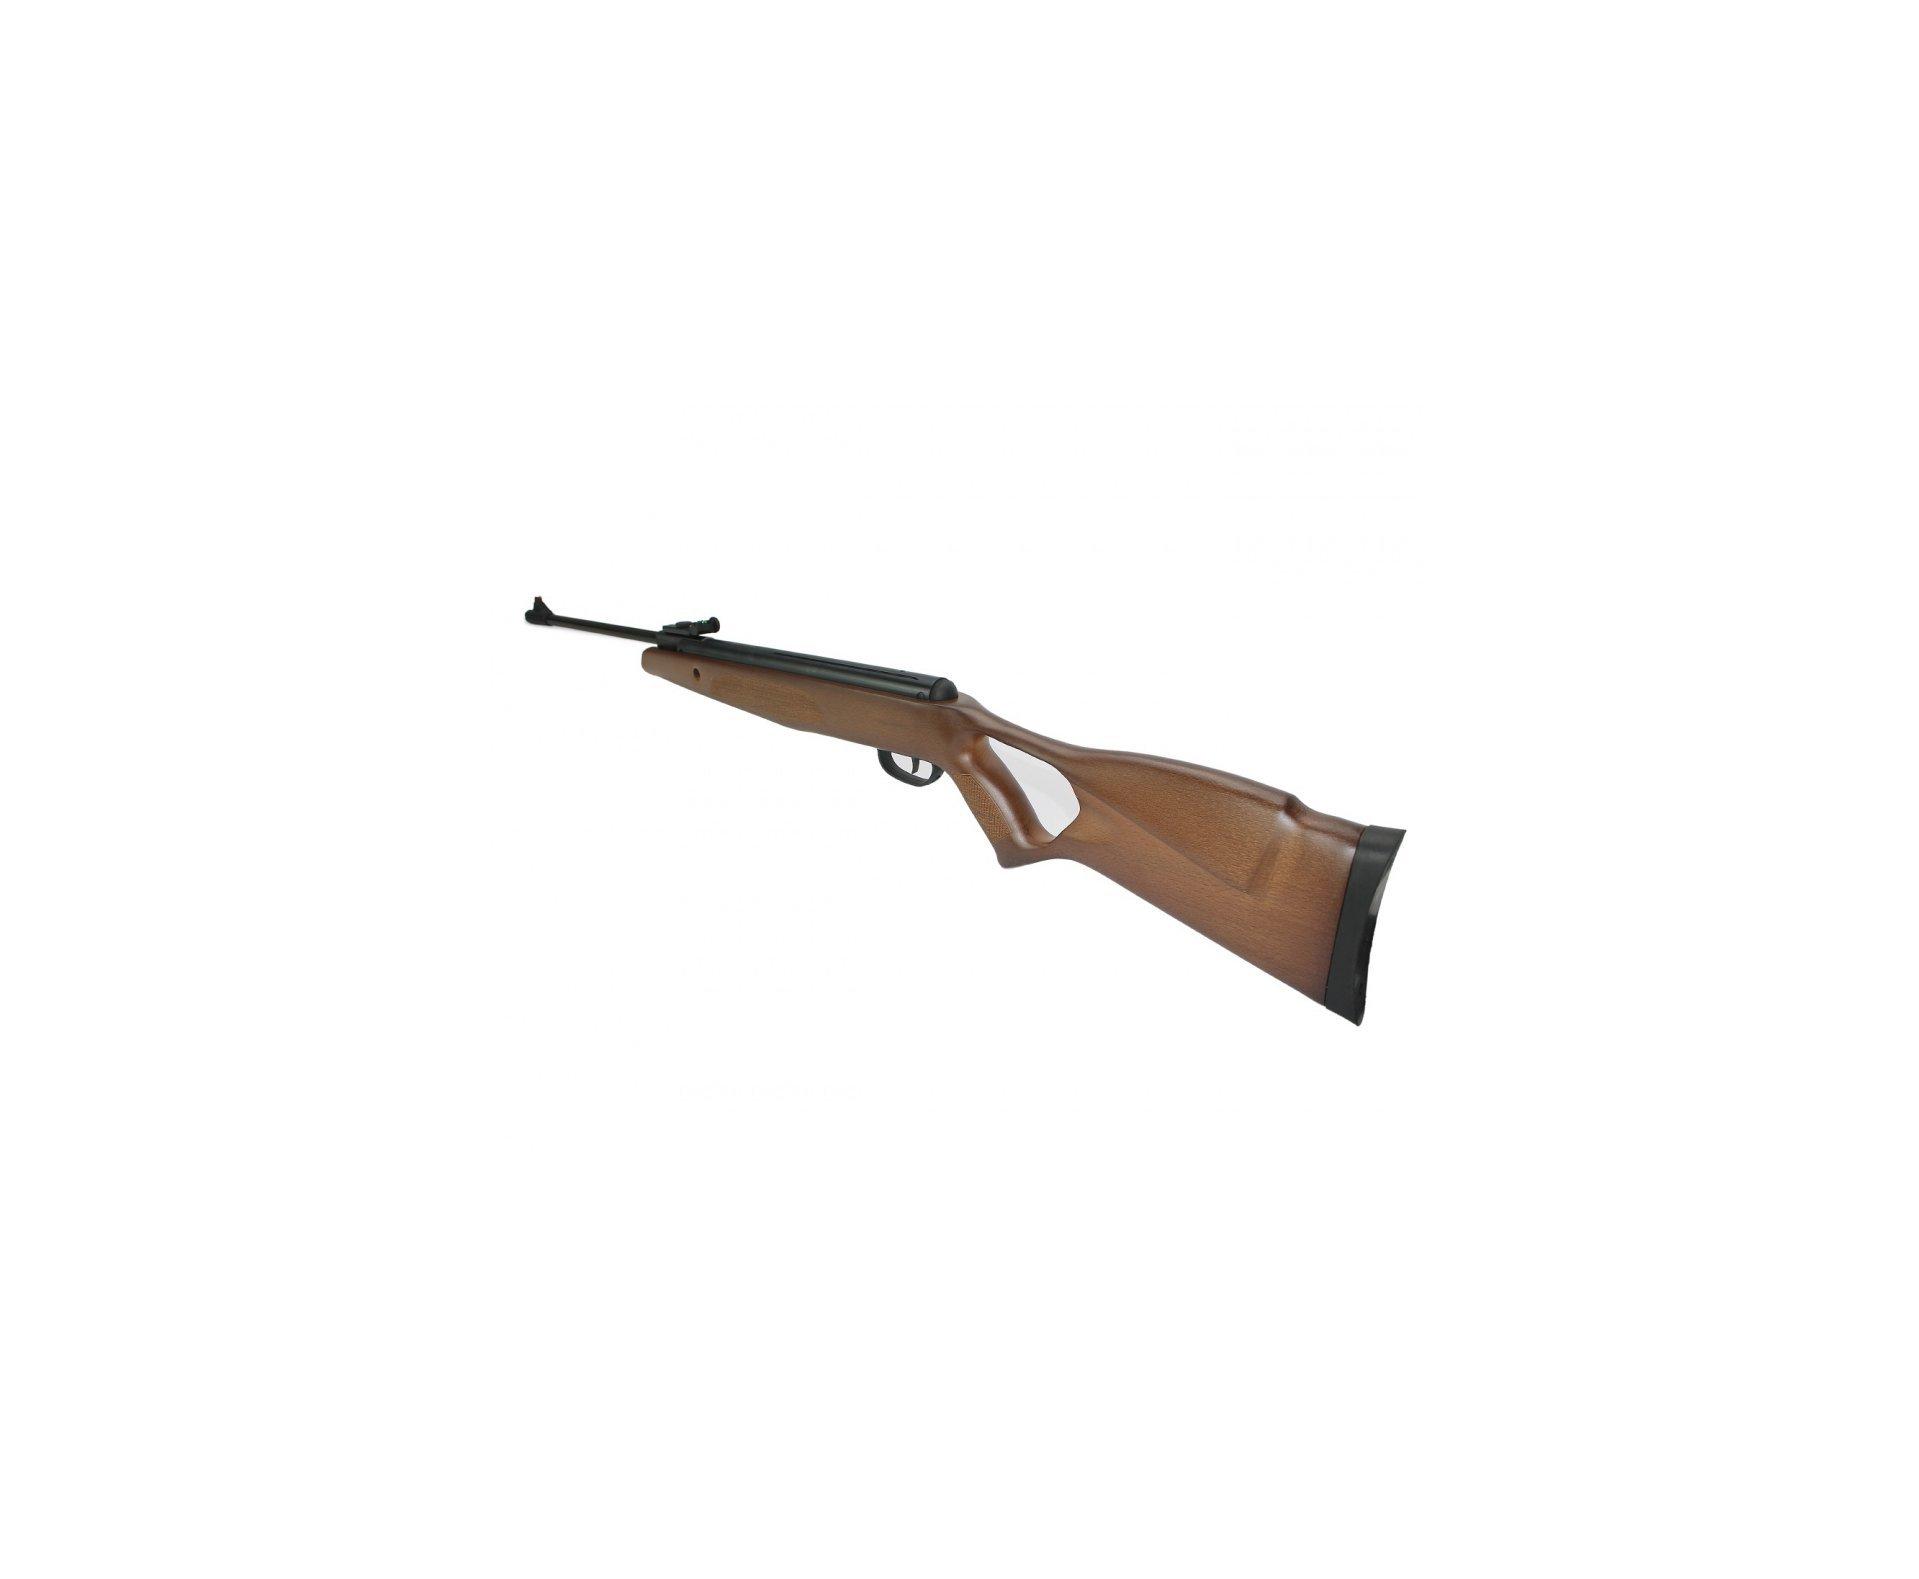 Carabina De Pressão Bam B19-z Hunter Wood Match 5.5mm Com Gas Ram 50kg - Swbr